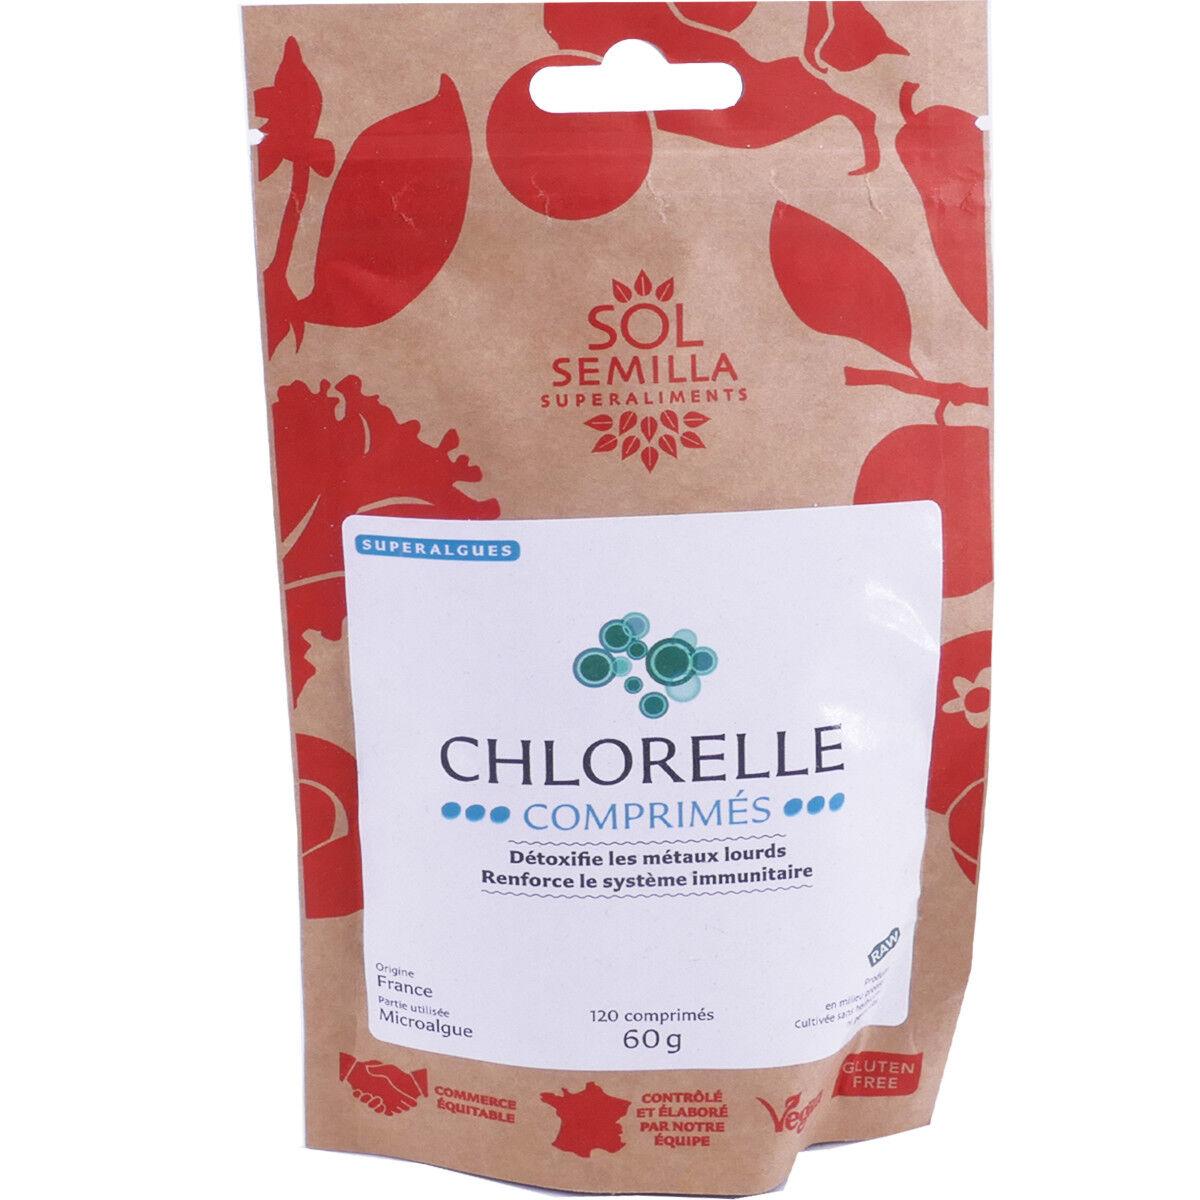 Sol semilla chlorelle dÉtoxifiant 120 comprimes